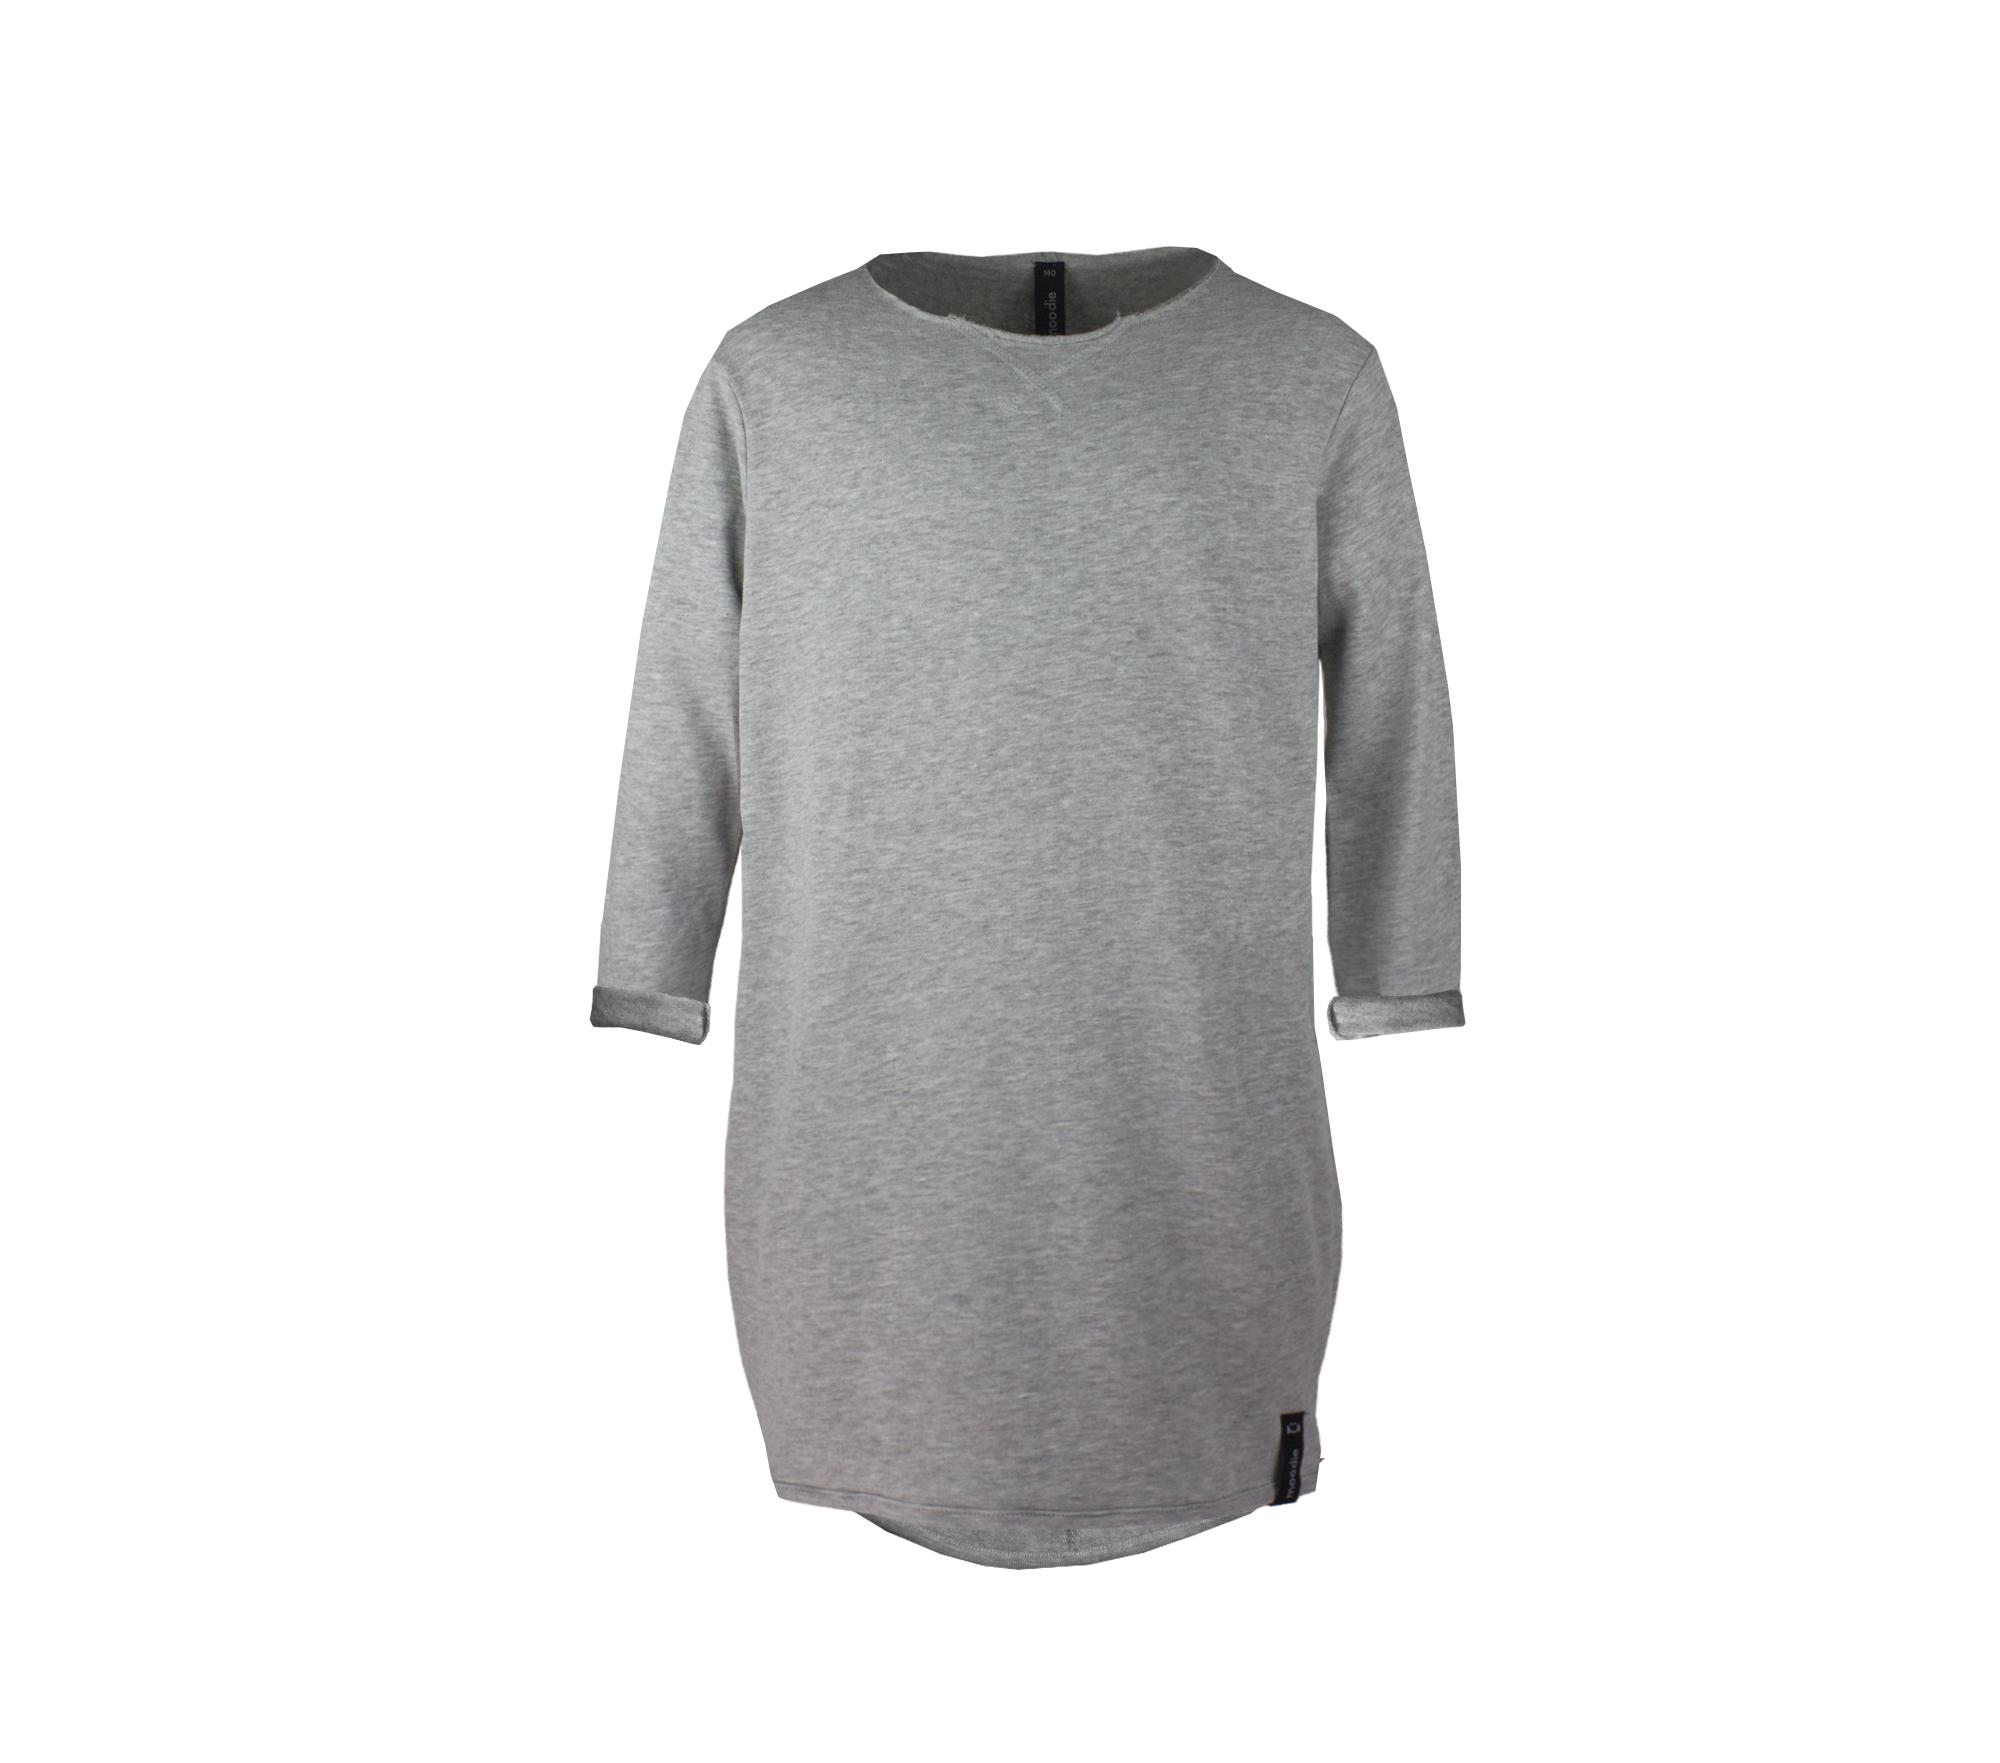 Grå mjuk barnklänning svettiskvalité – Maison